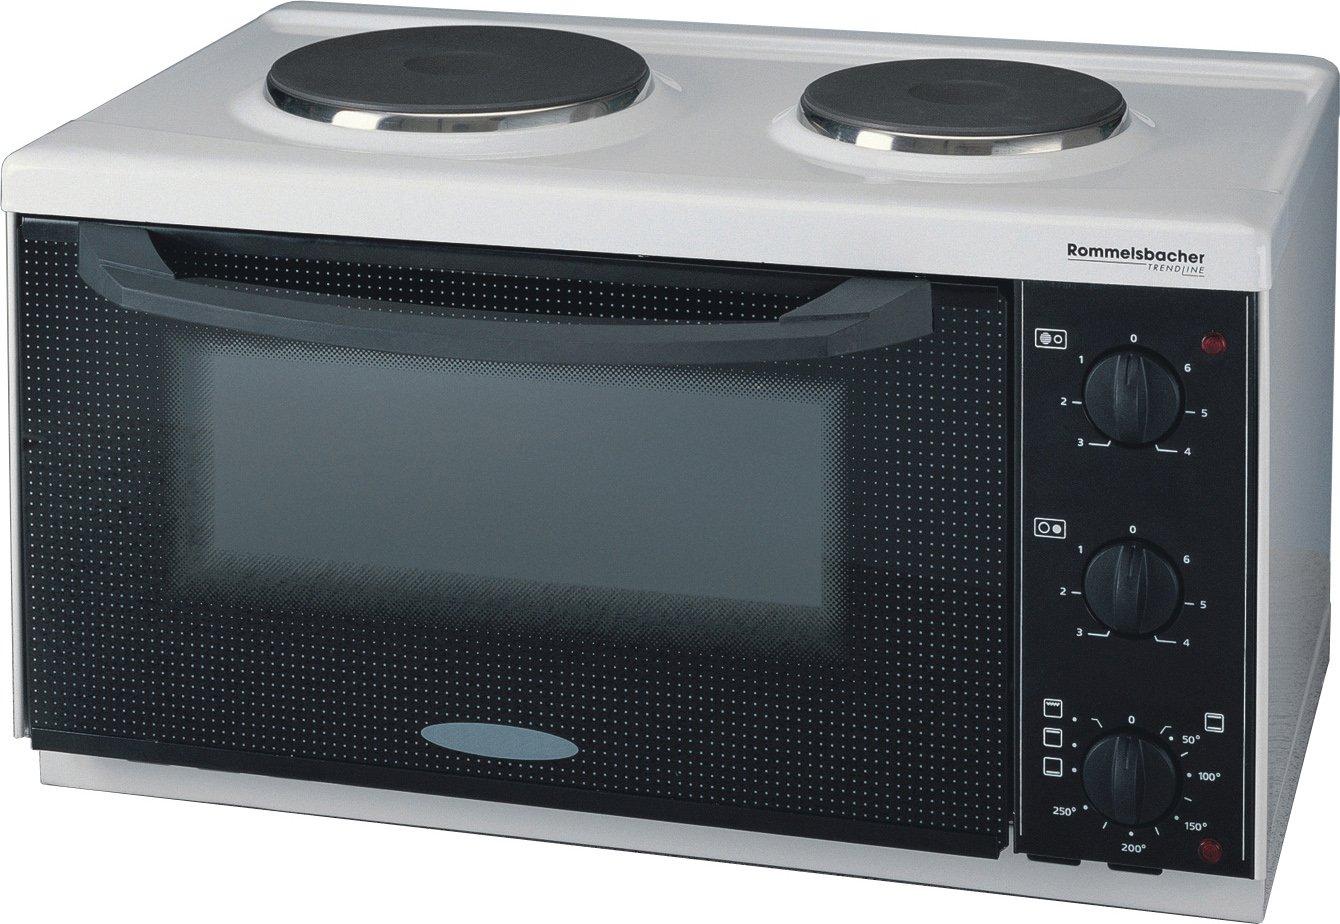 ROMMELSBACHER KM 2501 Kitchen Master - KLEINKÜCHE - 2500 Watt - weiß Mikrowellen